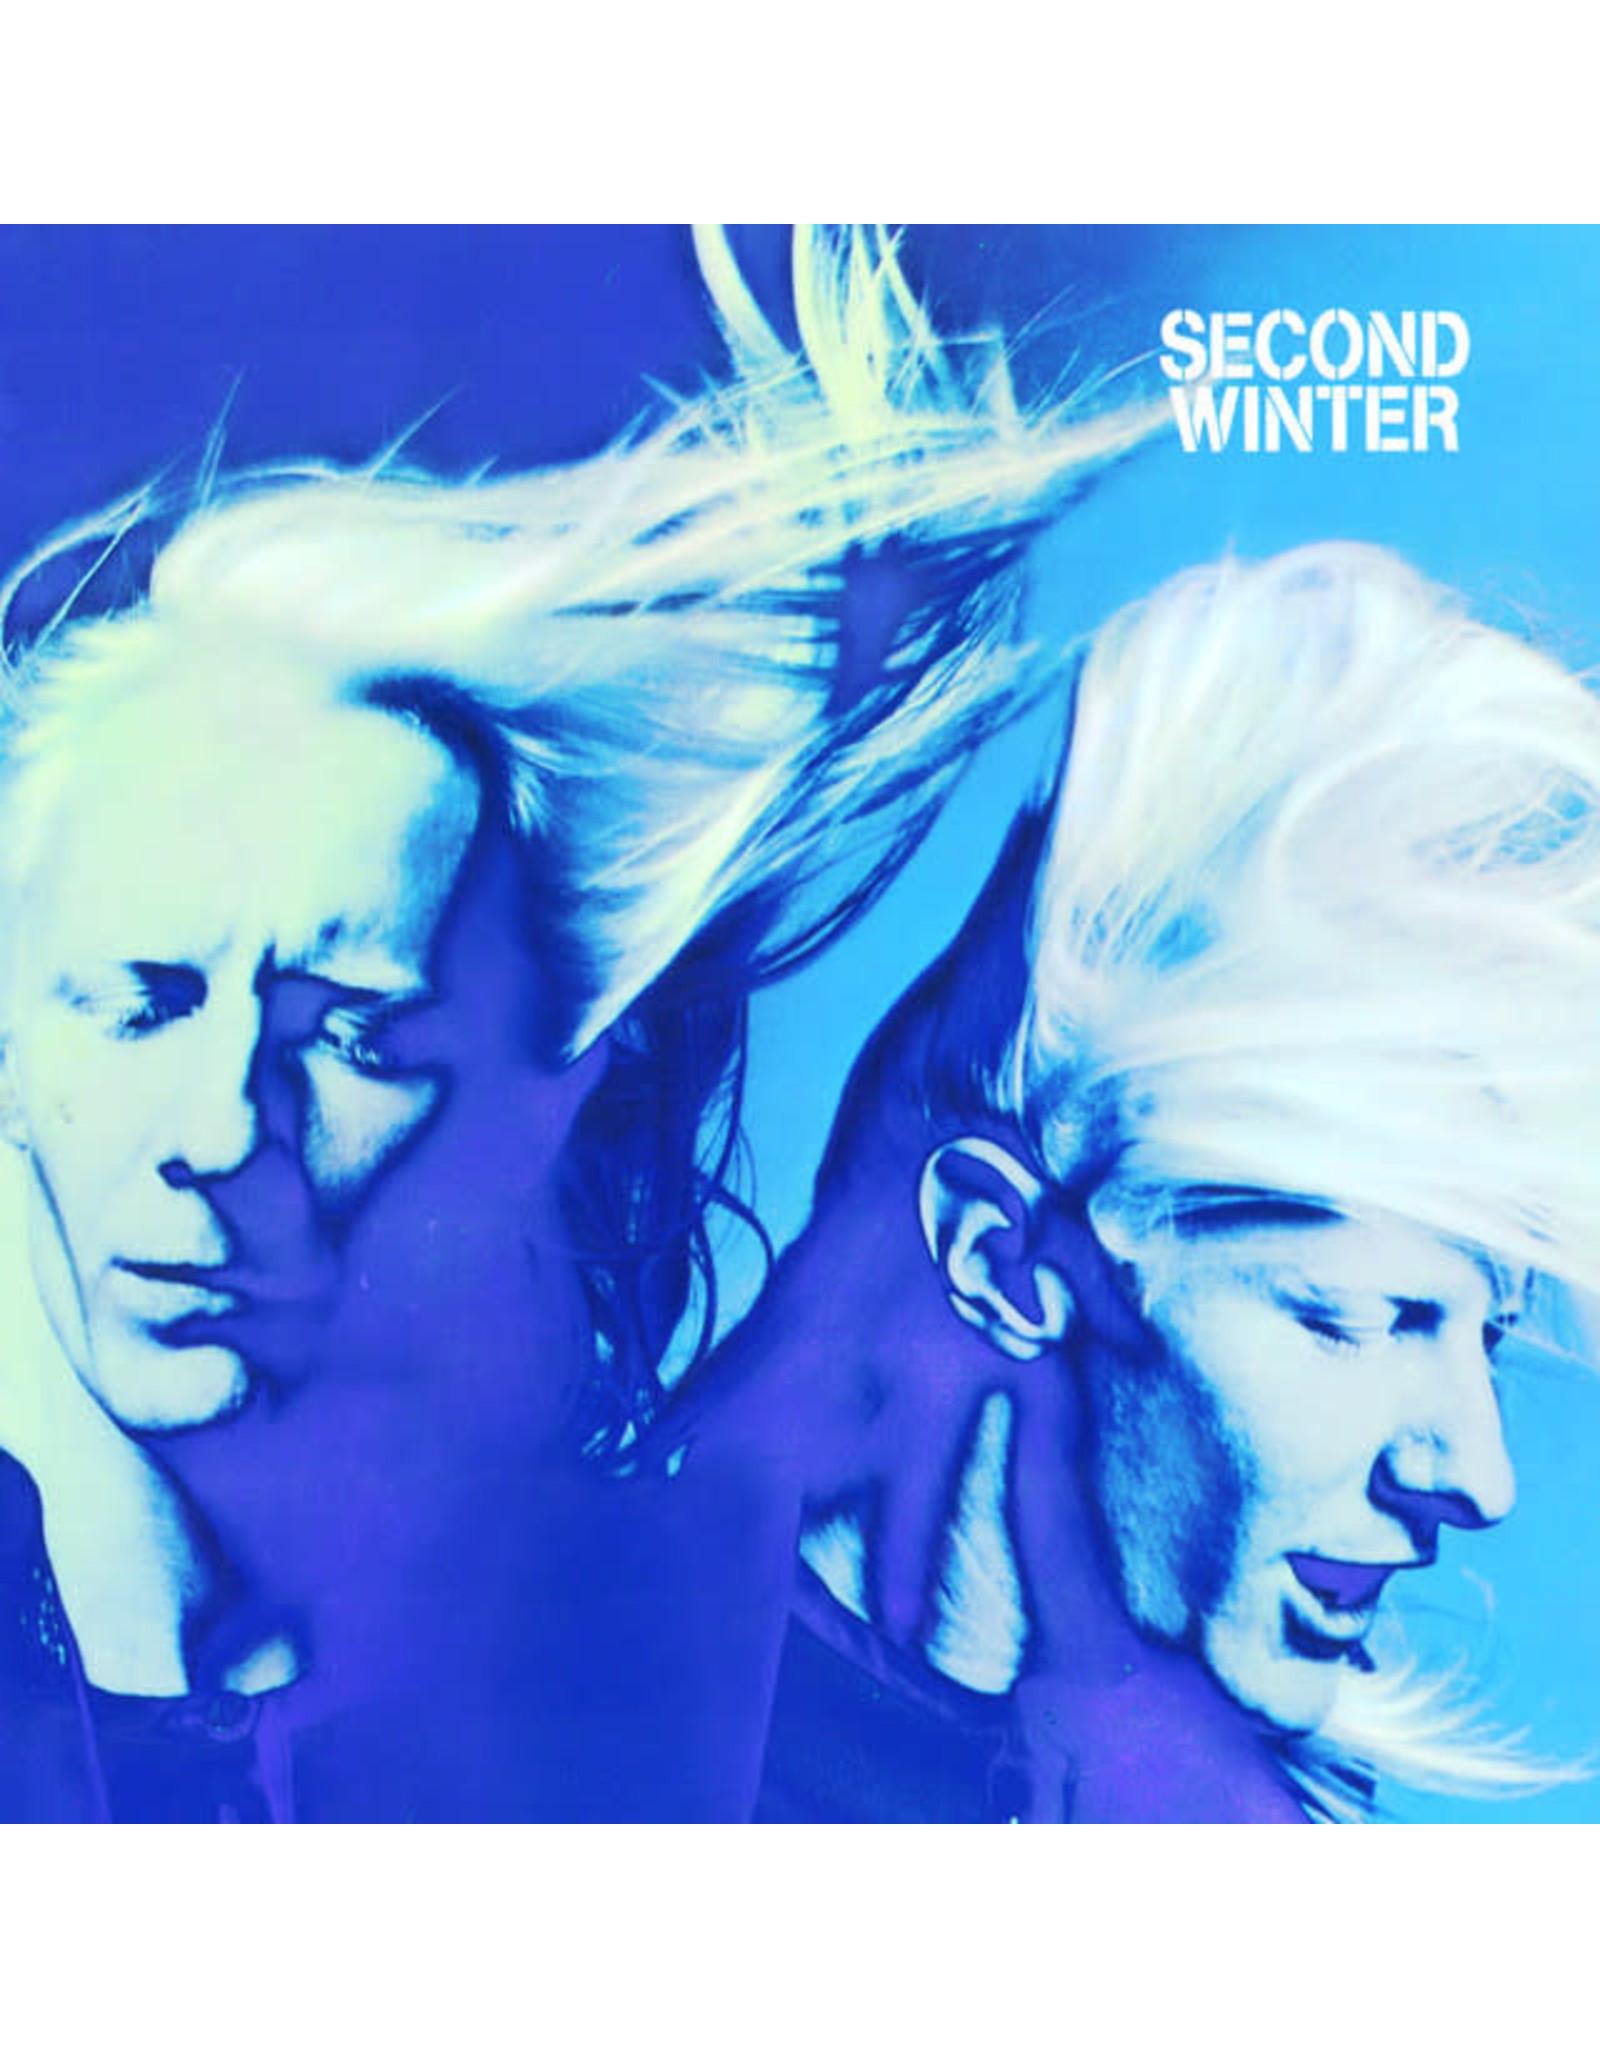 Vinyl Johnny Winter - Second Winter